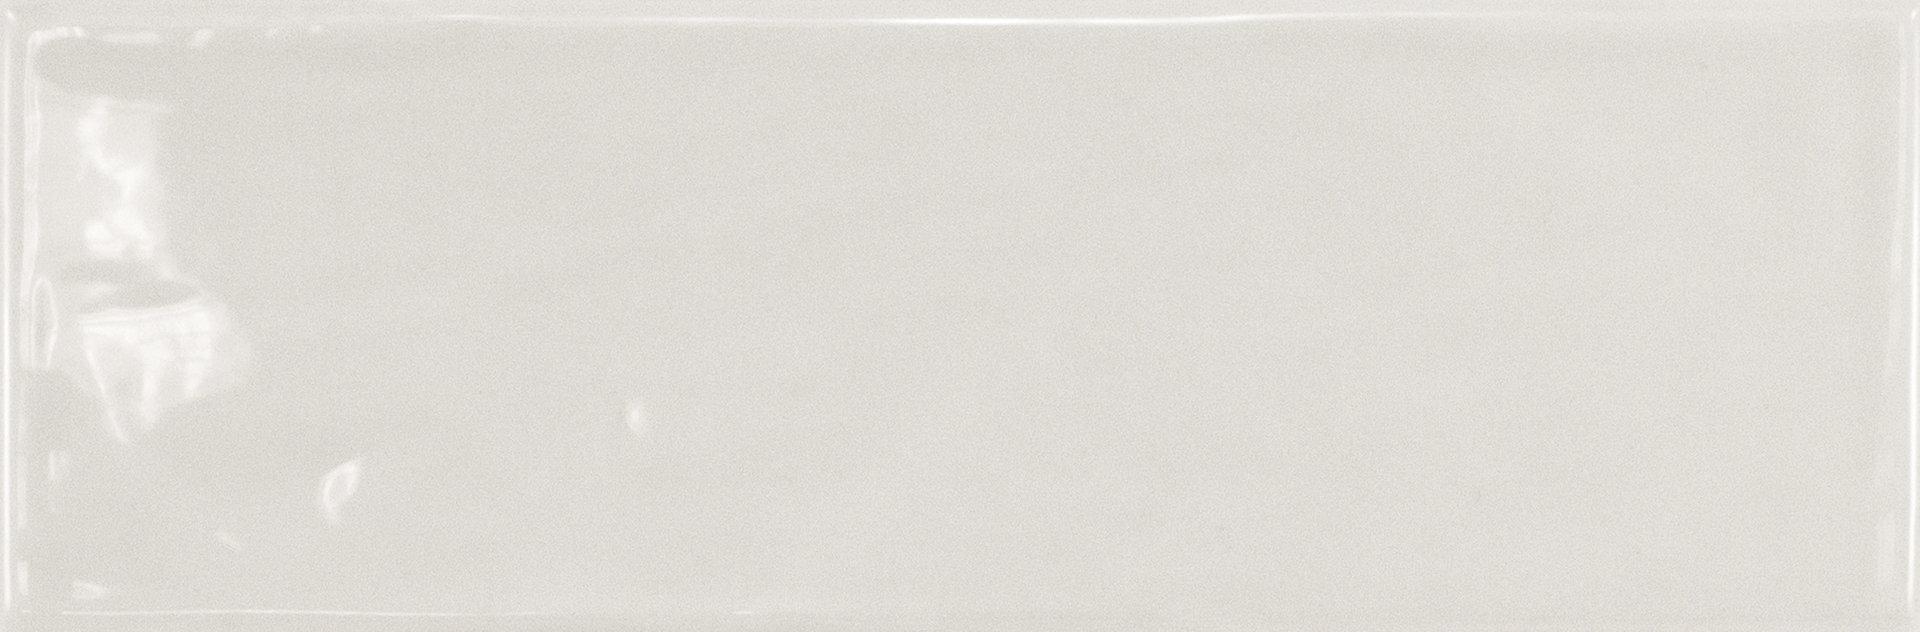 Country Series Gris Claro Brick Ripple Gloss Ceramic Wall